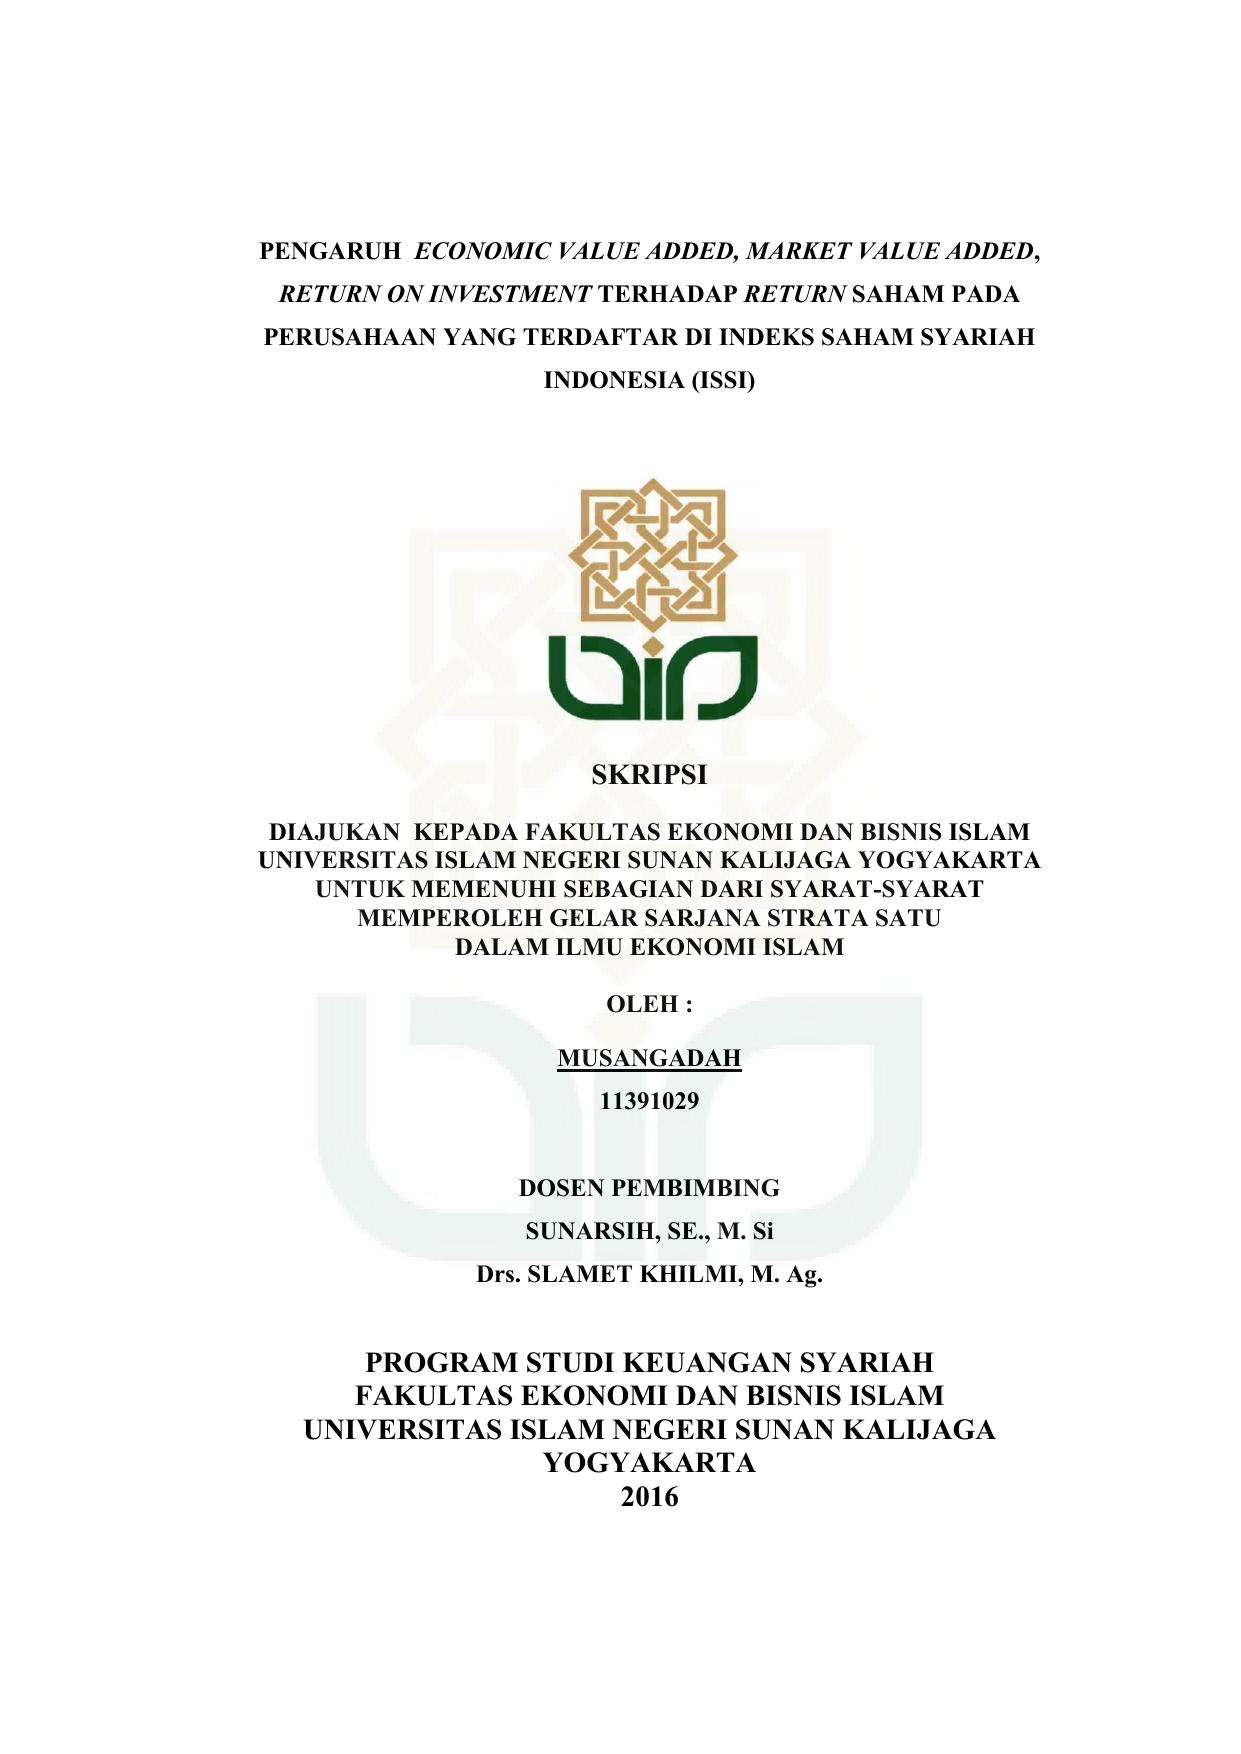 Skripsi Program Studi Keuangan Syariah Fakultas Ekonomi Dan Bisnis